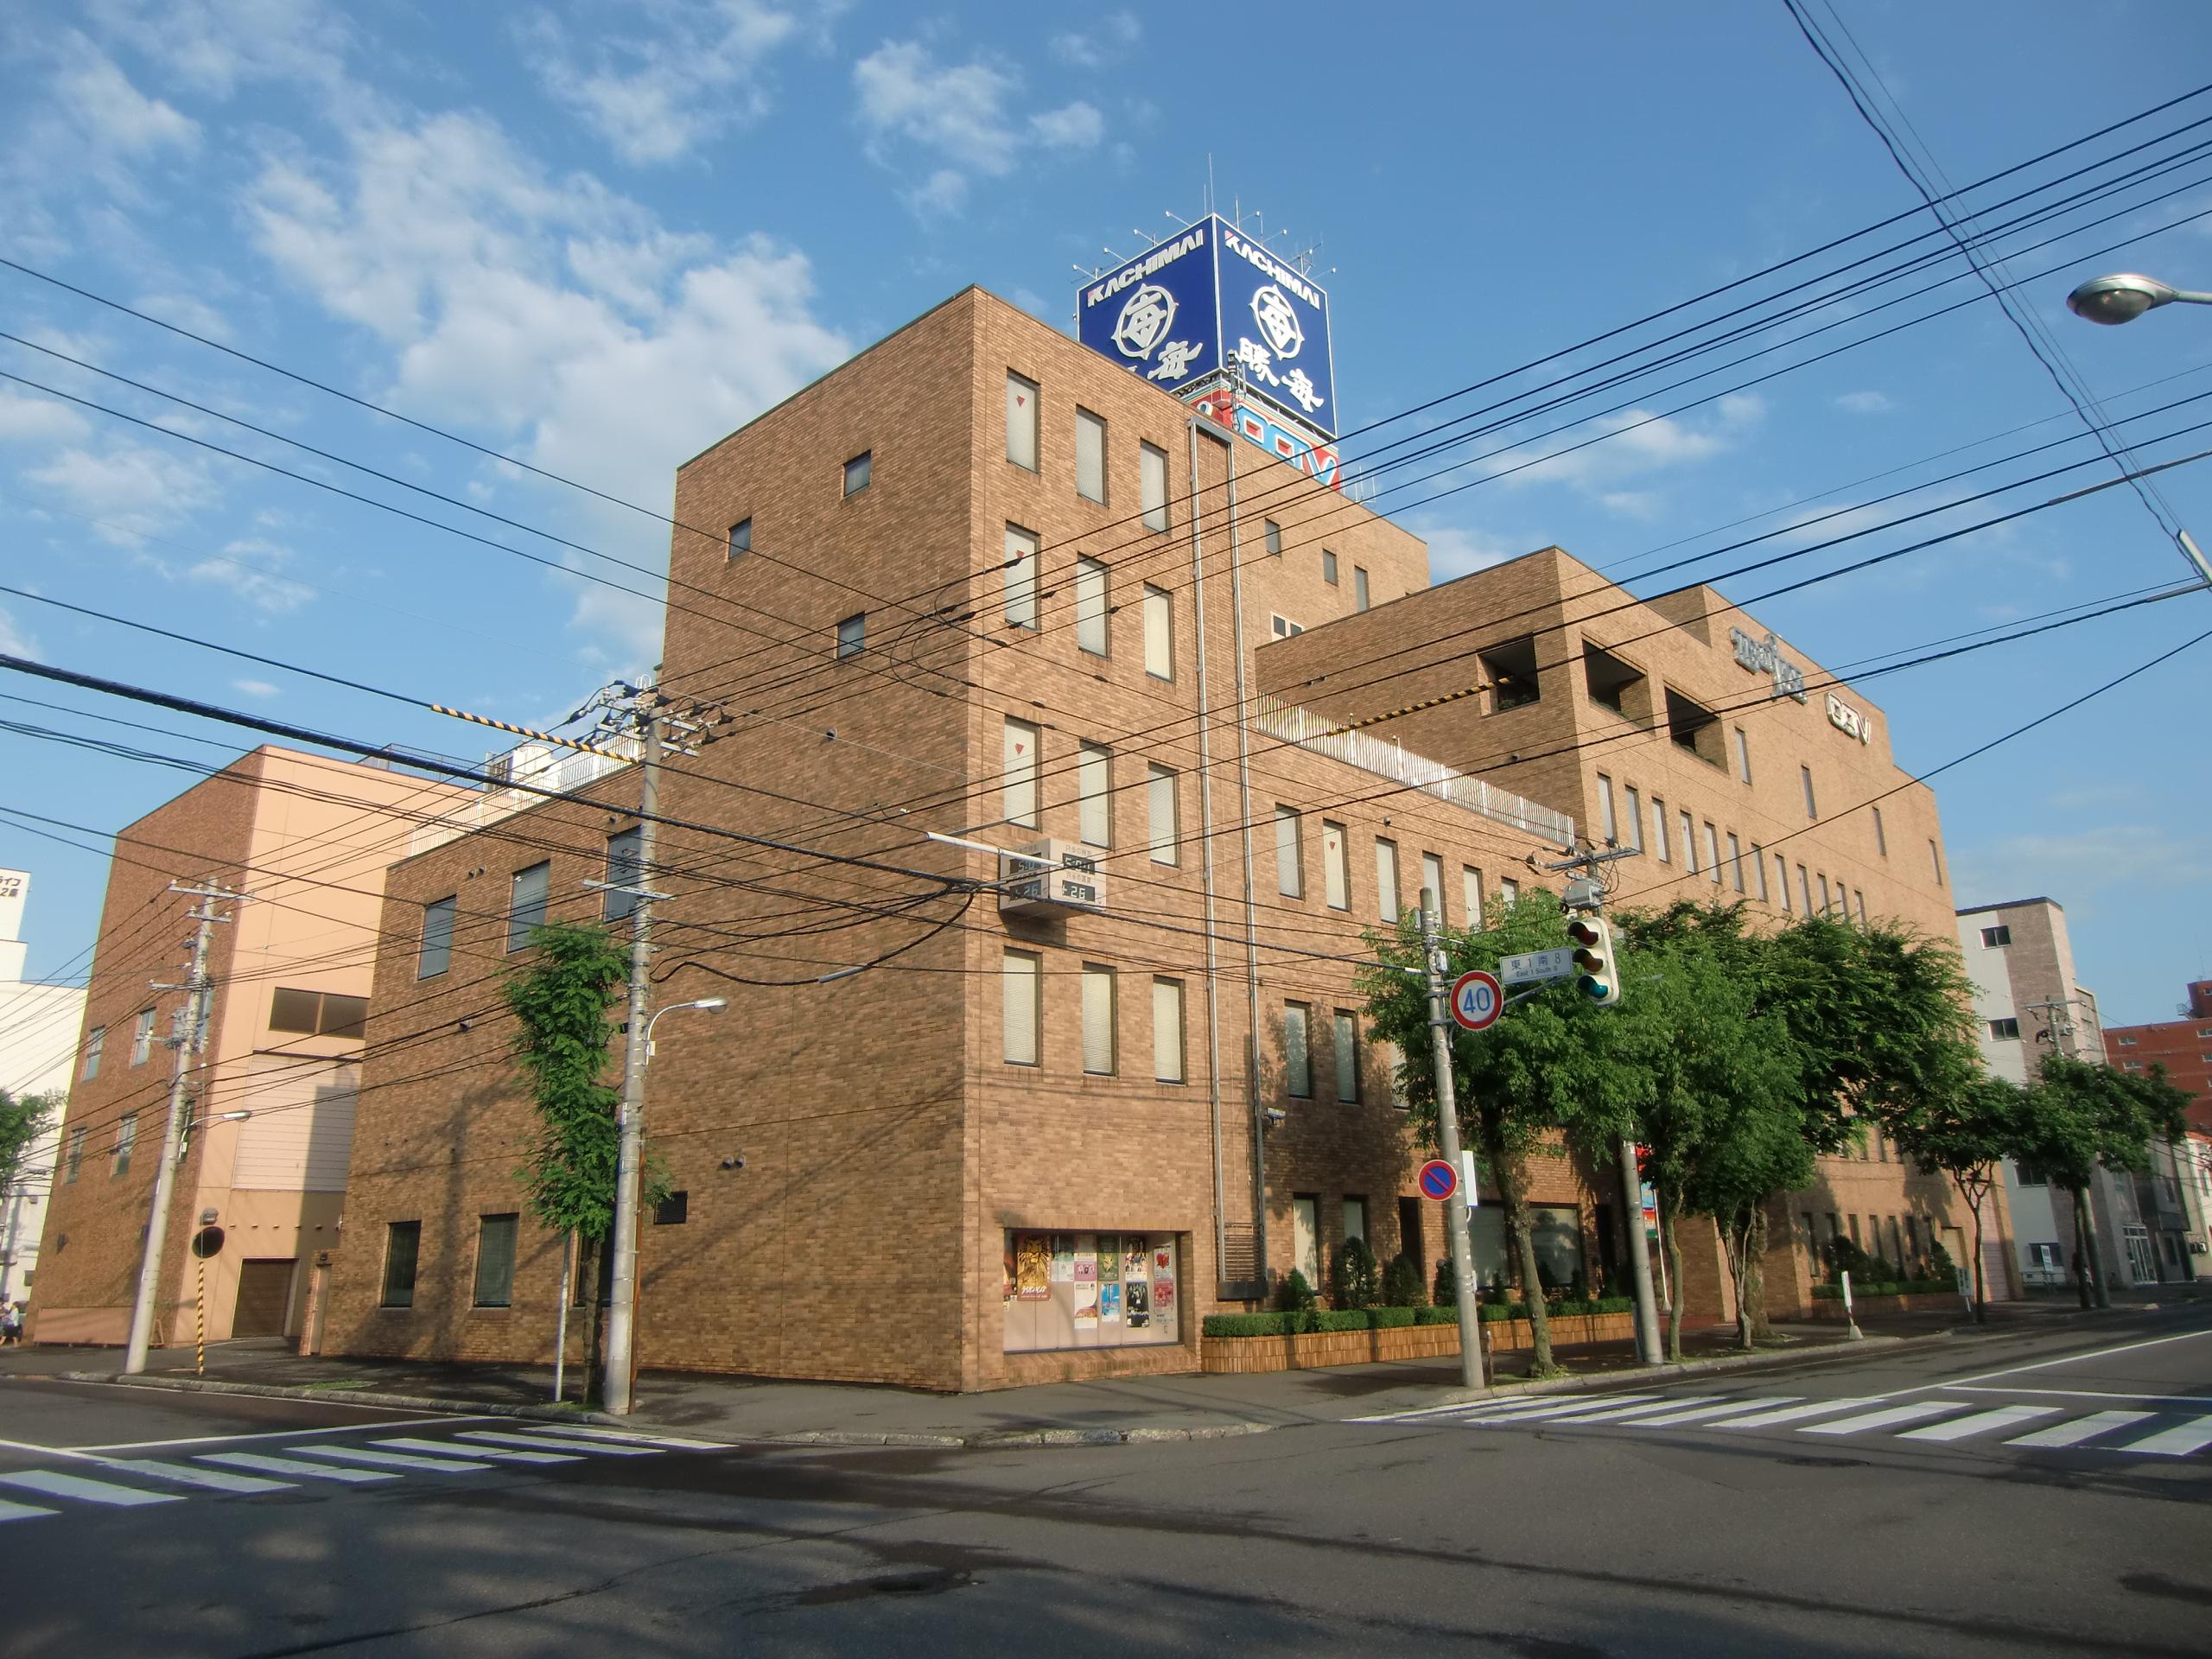 https://upload.wikimedia.org/wikipedia/commons/4/4c/Tokachi_Mainichi_Newspaper_Headquarter.jpg